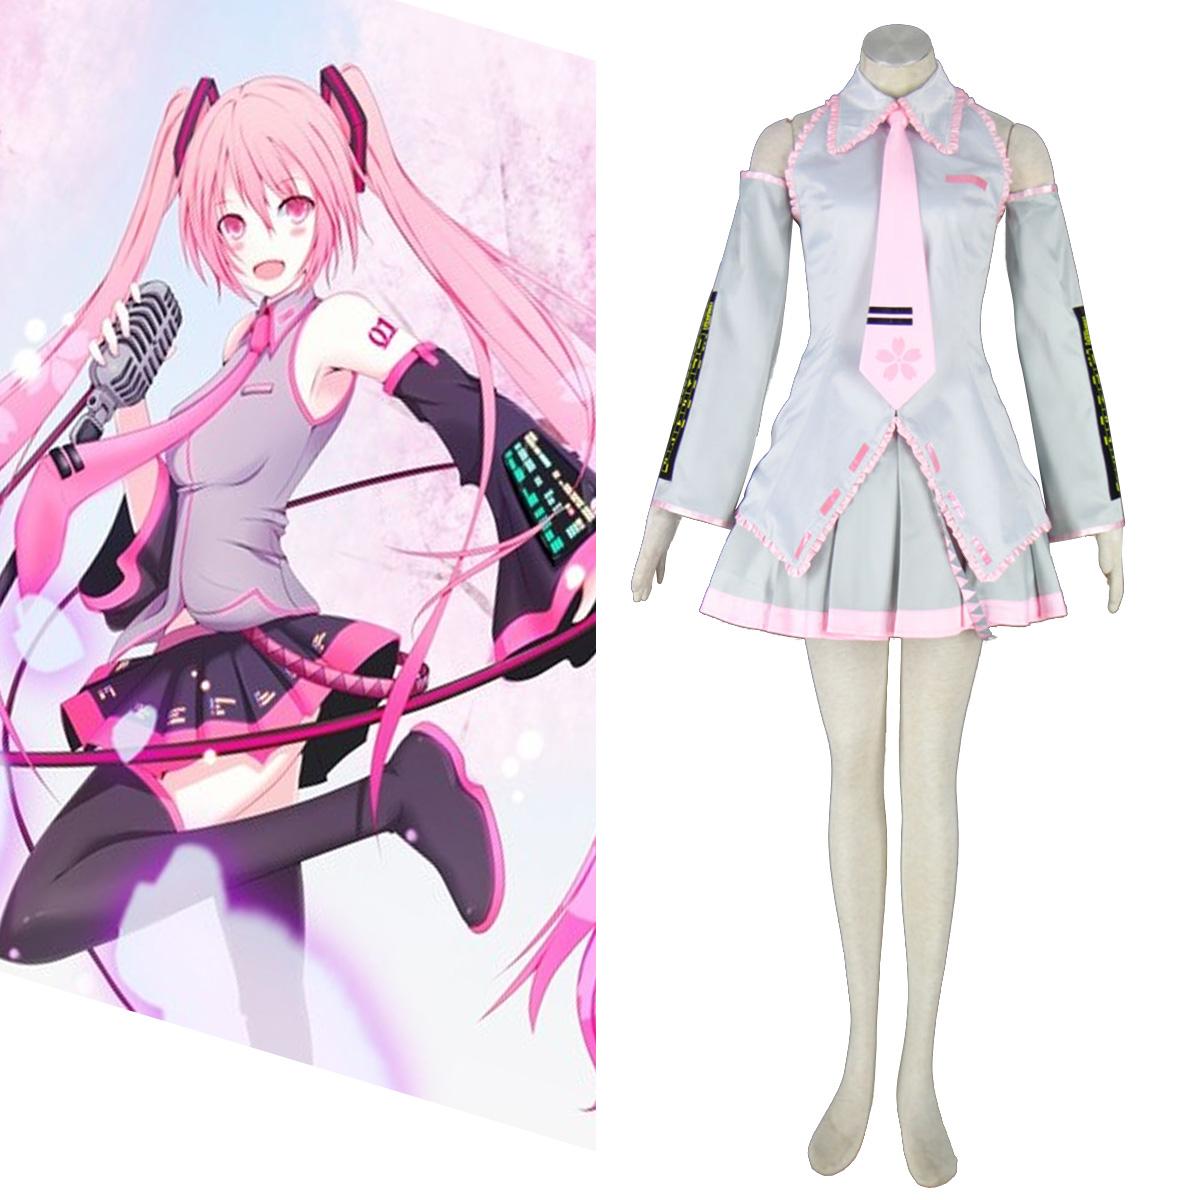 Λουξ Vocaloid Sakura Hatsune Miku 2 Cosplay Κοστούμια